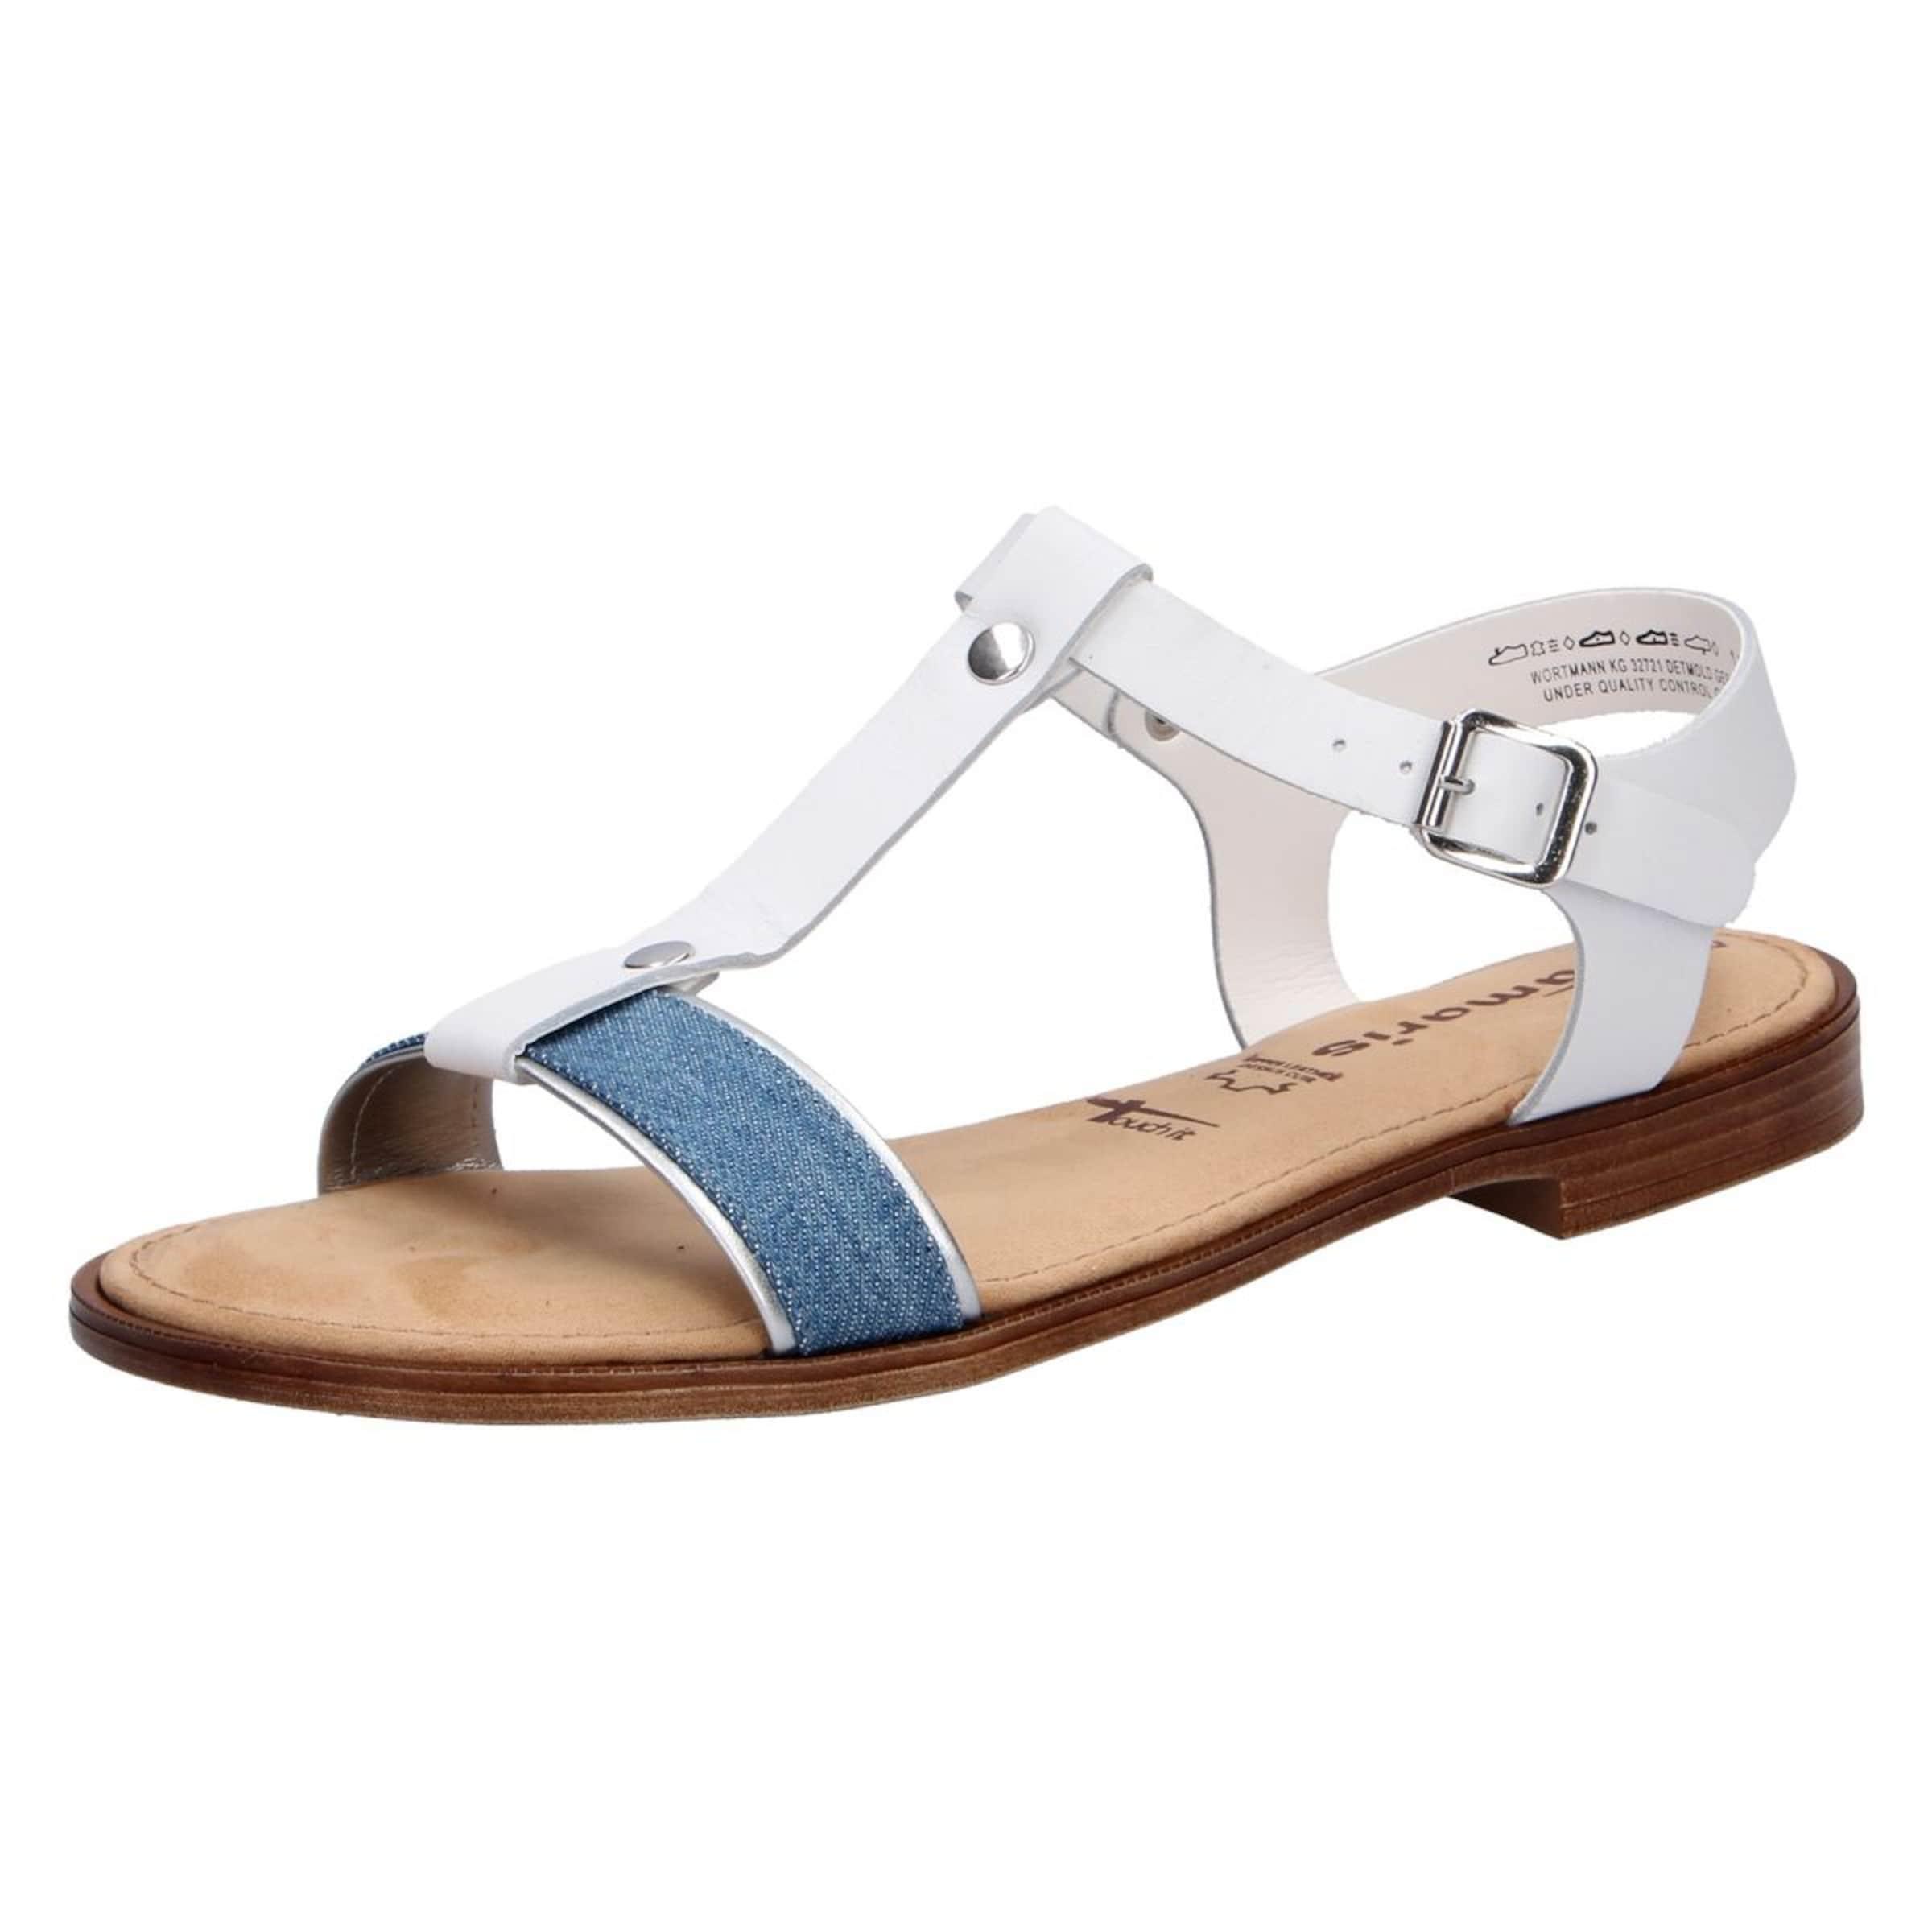 Blue Tamaris Sandalen Sandalen In DenimWeiß In Tamaris Blue In Sandalen DenimWeiß Tamaris Blue OPiTZukX